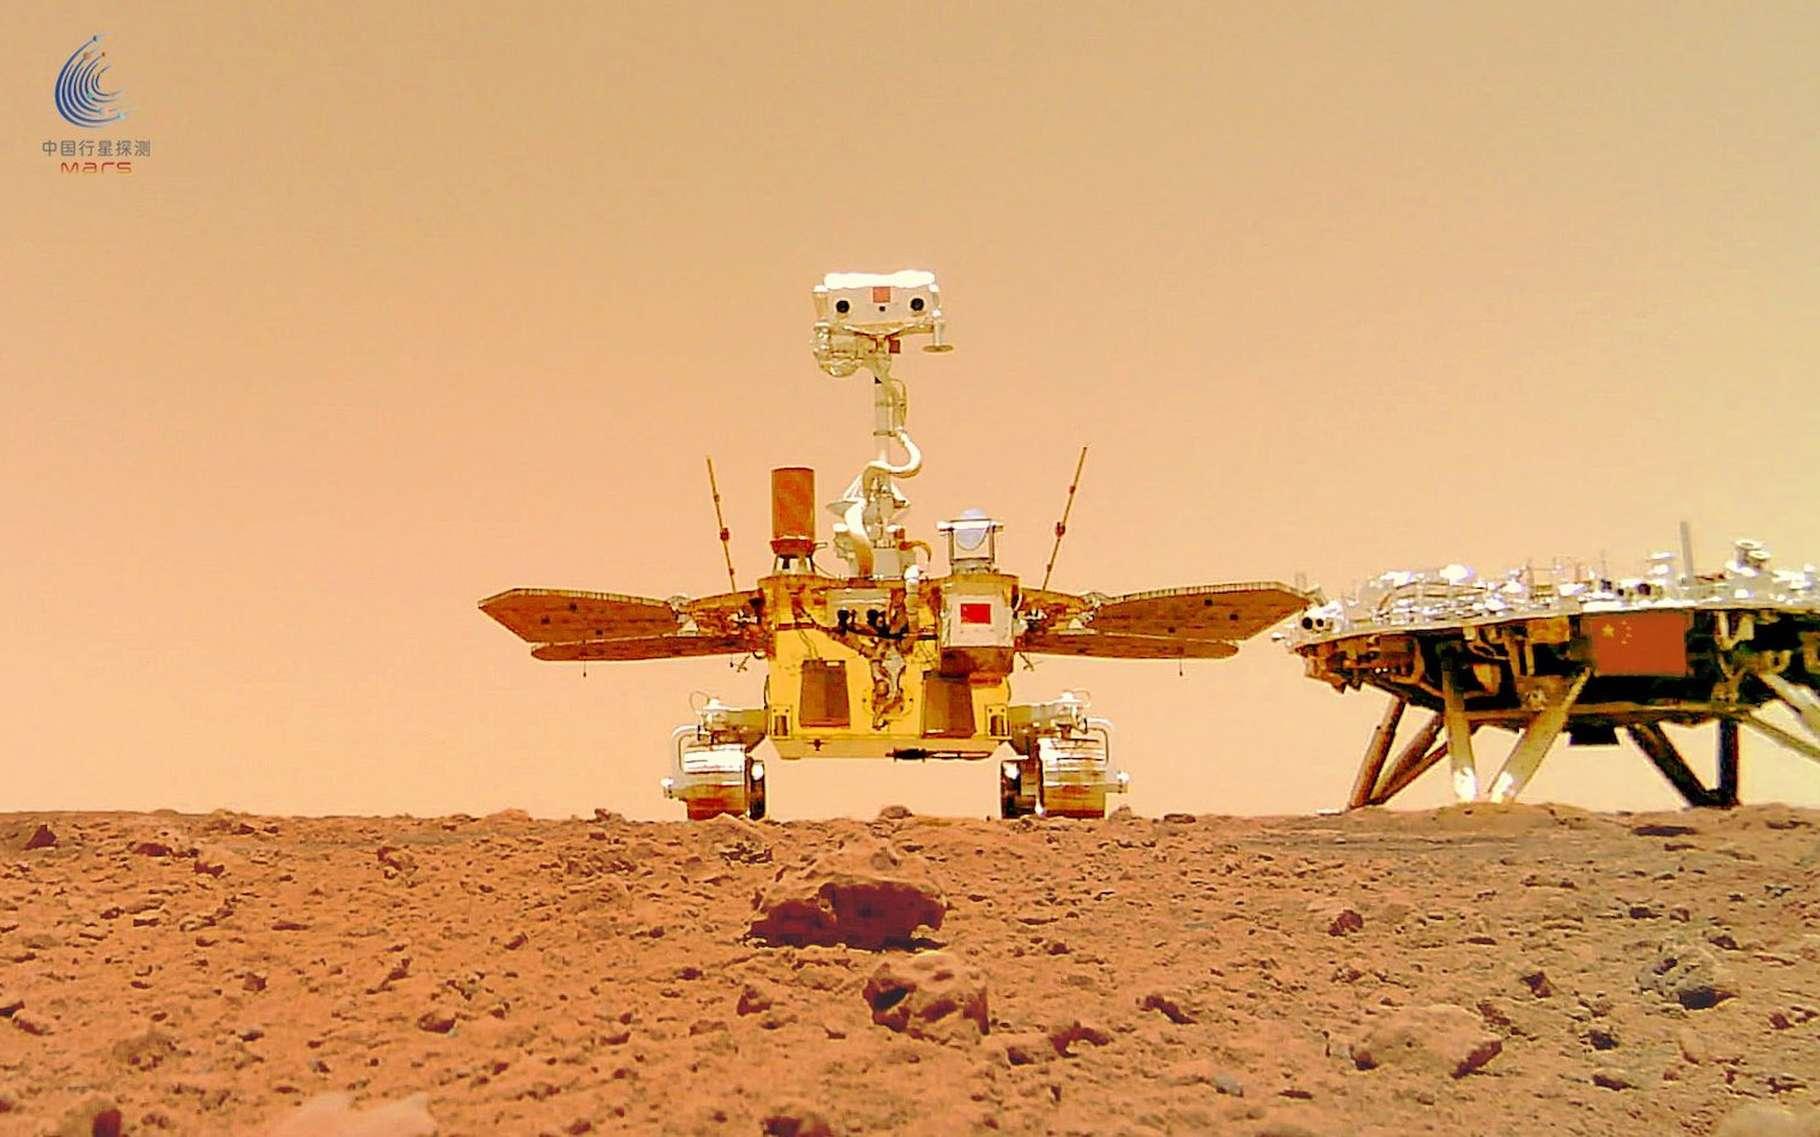 Depuis son atterrissage sur Mars en mai dernier, Zhurong, le rover chinois, a déjà renvoyé quelques images étonnantes. Cette fois, ce sont ses premiers sons qui sont publiés par l'Administration spatiale nationale chinoise (CNSA). © Administration spatiale nationale chinoise